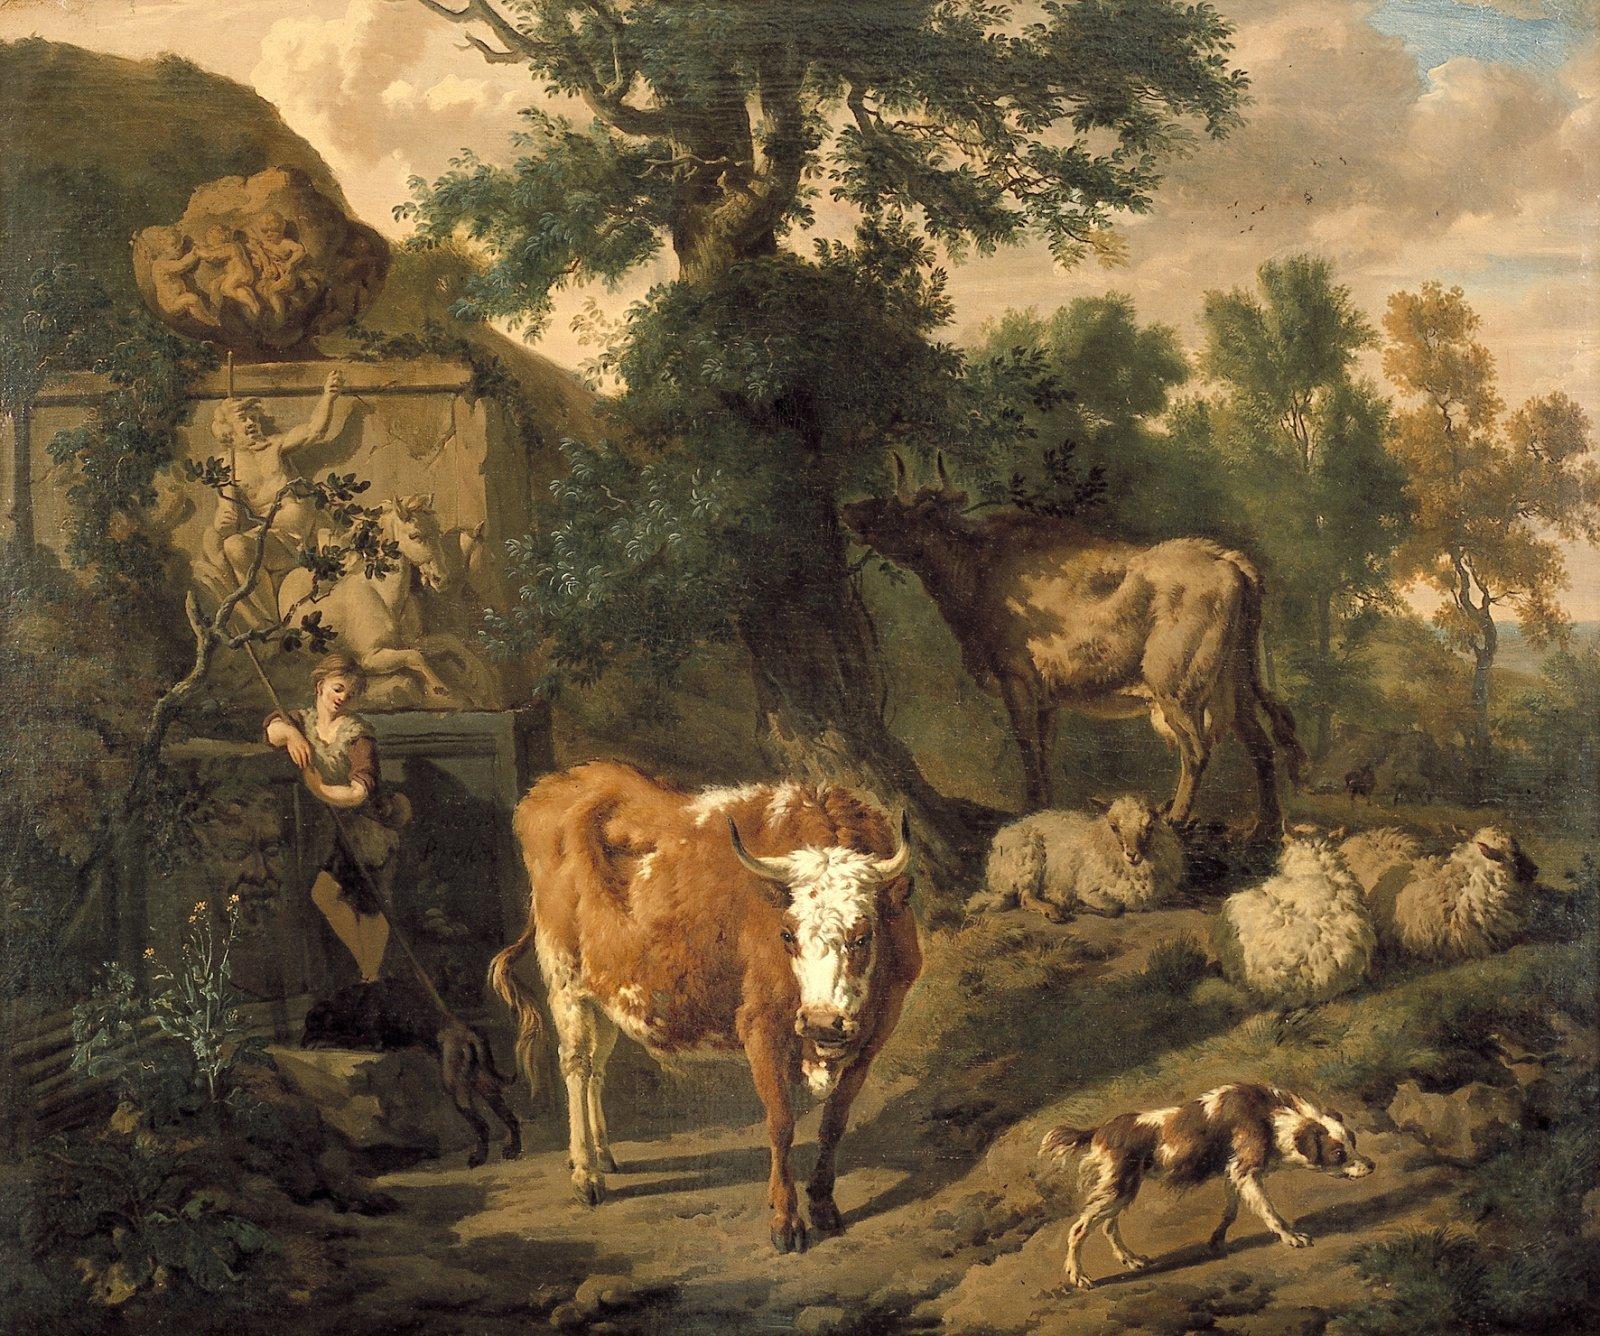 Landschap met herder bij een antieke graftombe, met op de voorgrond een bruin met witte koe en een hond.